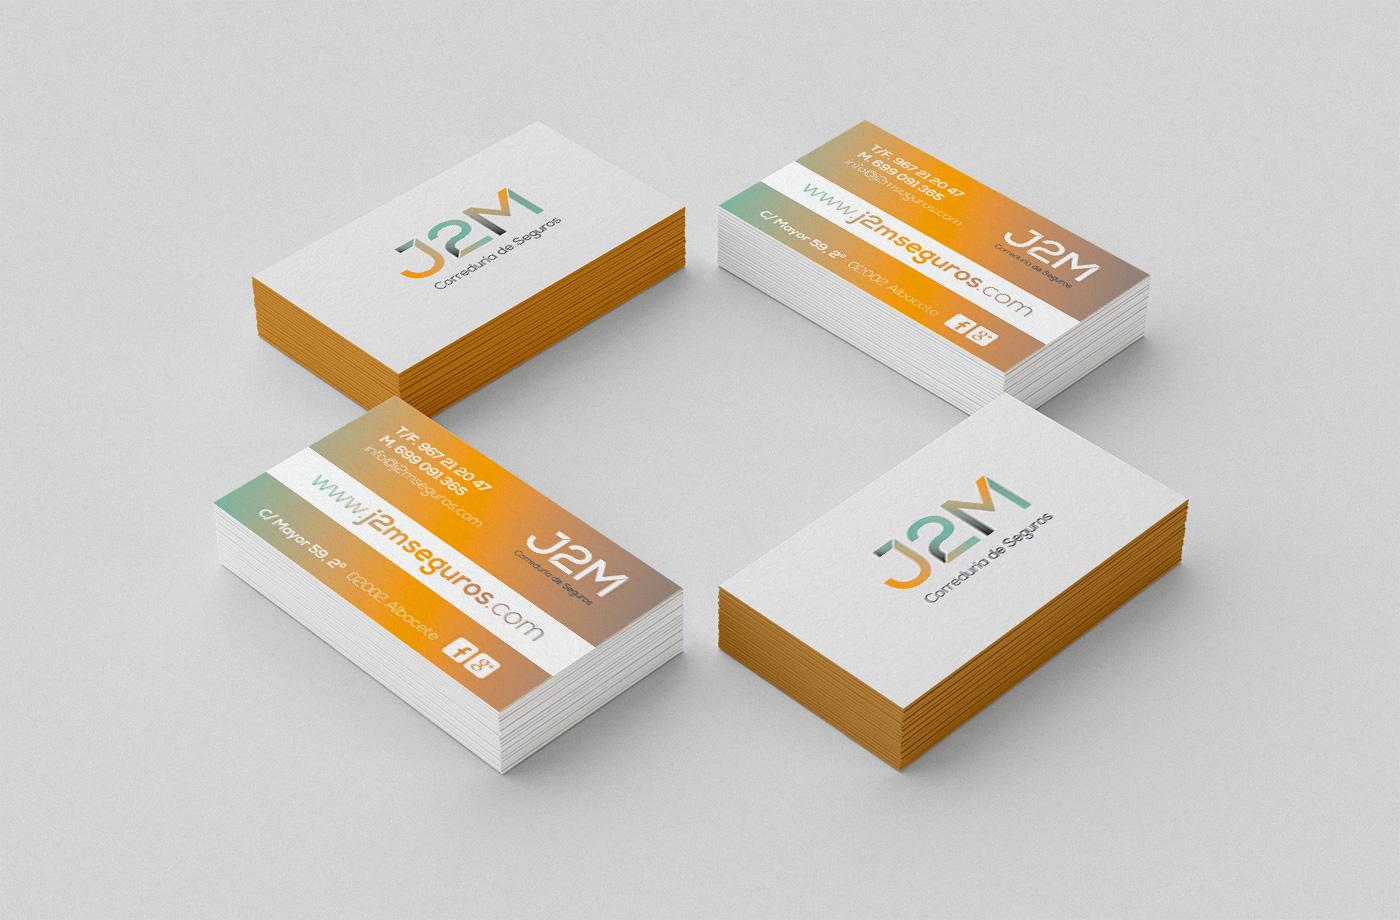 Papelería comercial empresa, Diseño grafico Albacete, branding Albacete, impresión tarjetas visita, J2M seguros